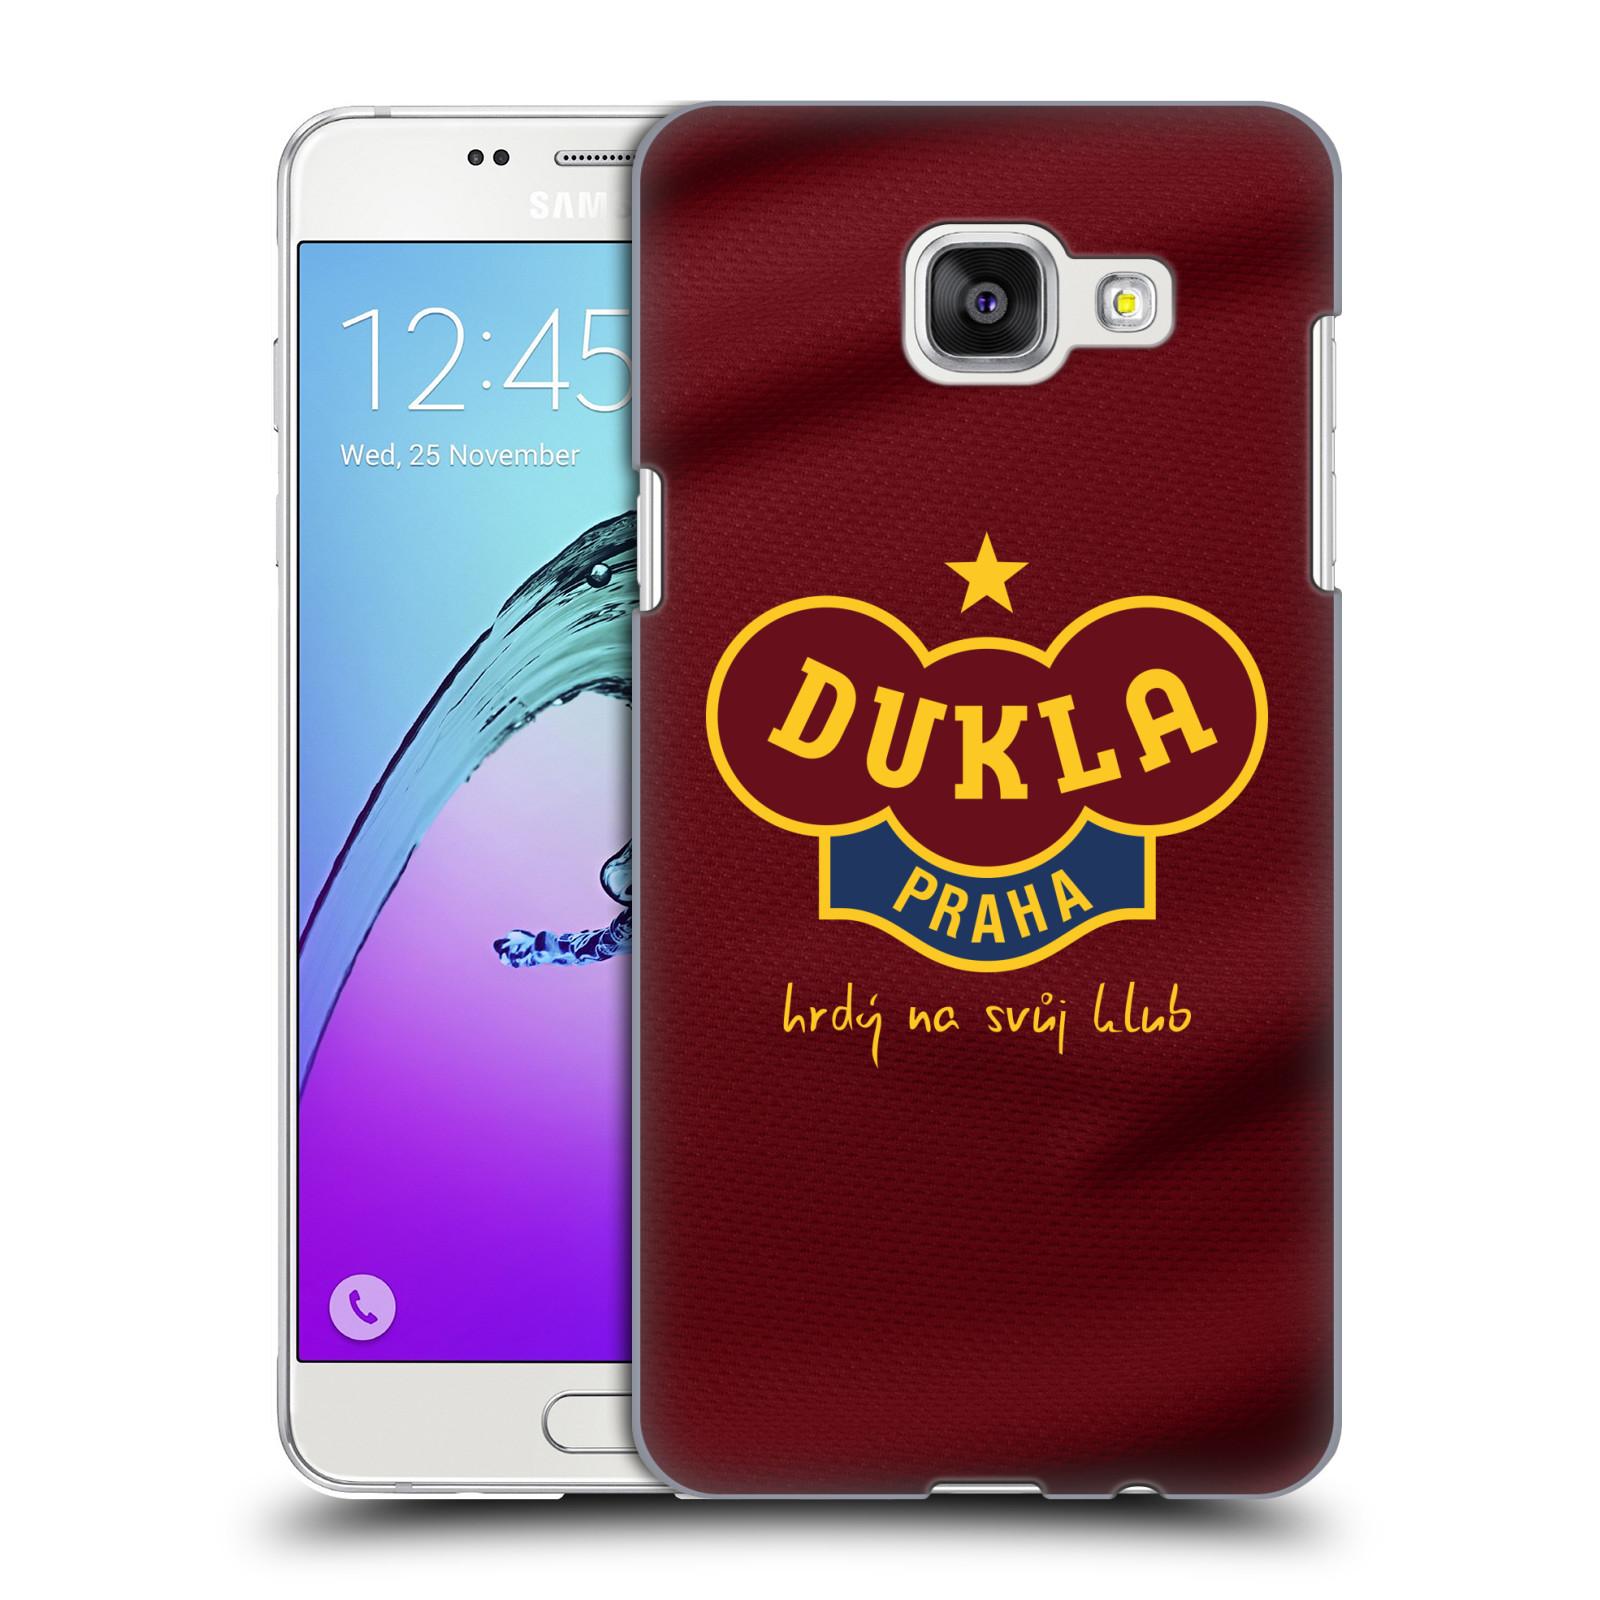 Plastové pouzdro na mobil Samsung Galaxy A5 (2016) - FK Dukla Praha - Vínově červený dres